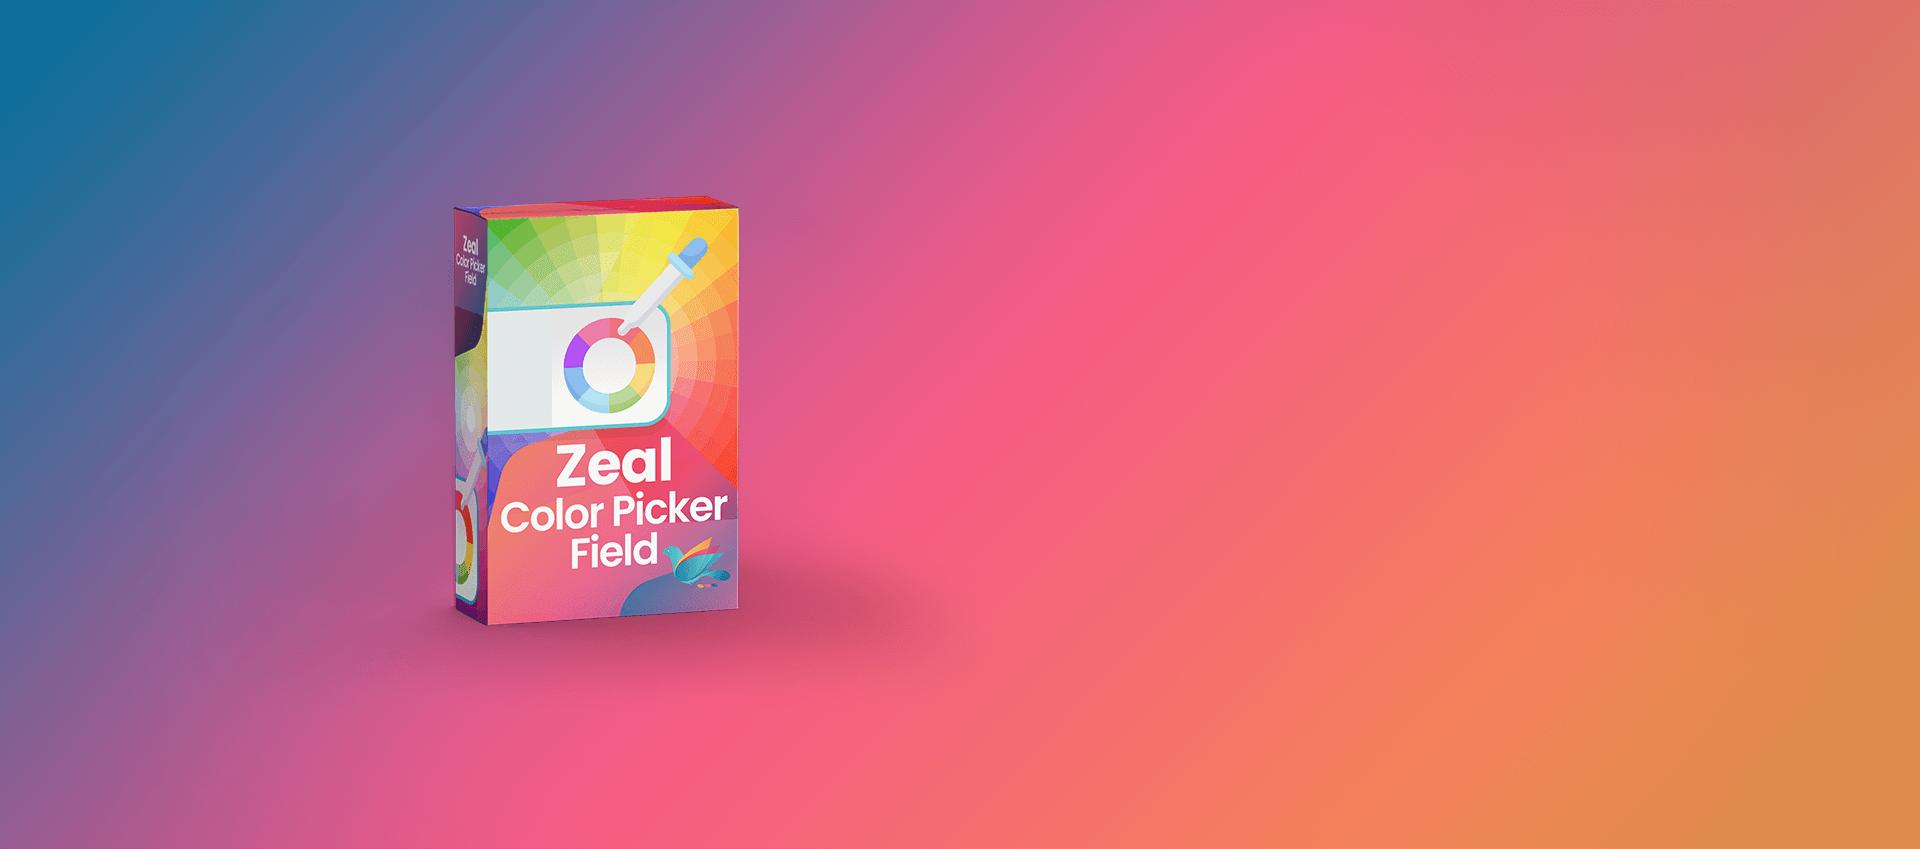 Zeal Color Picker Field